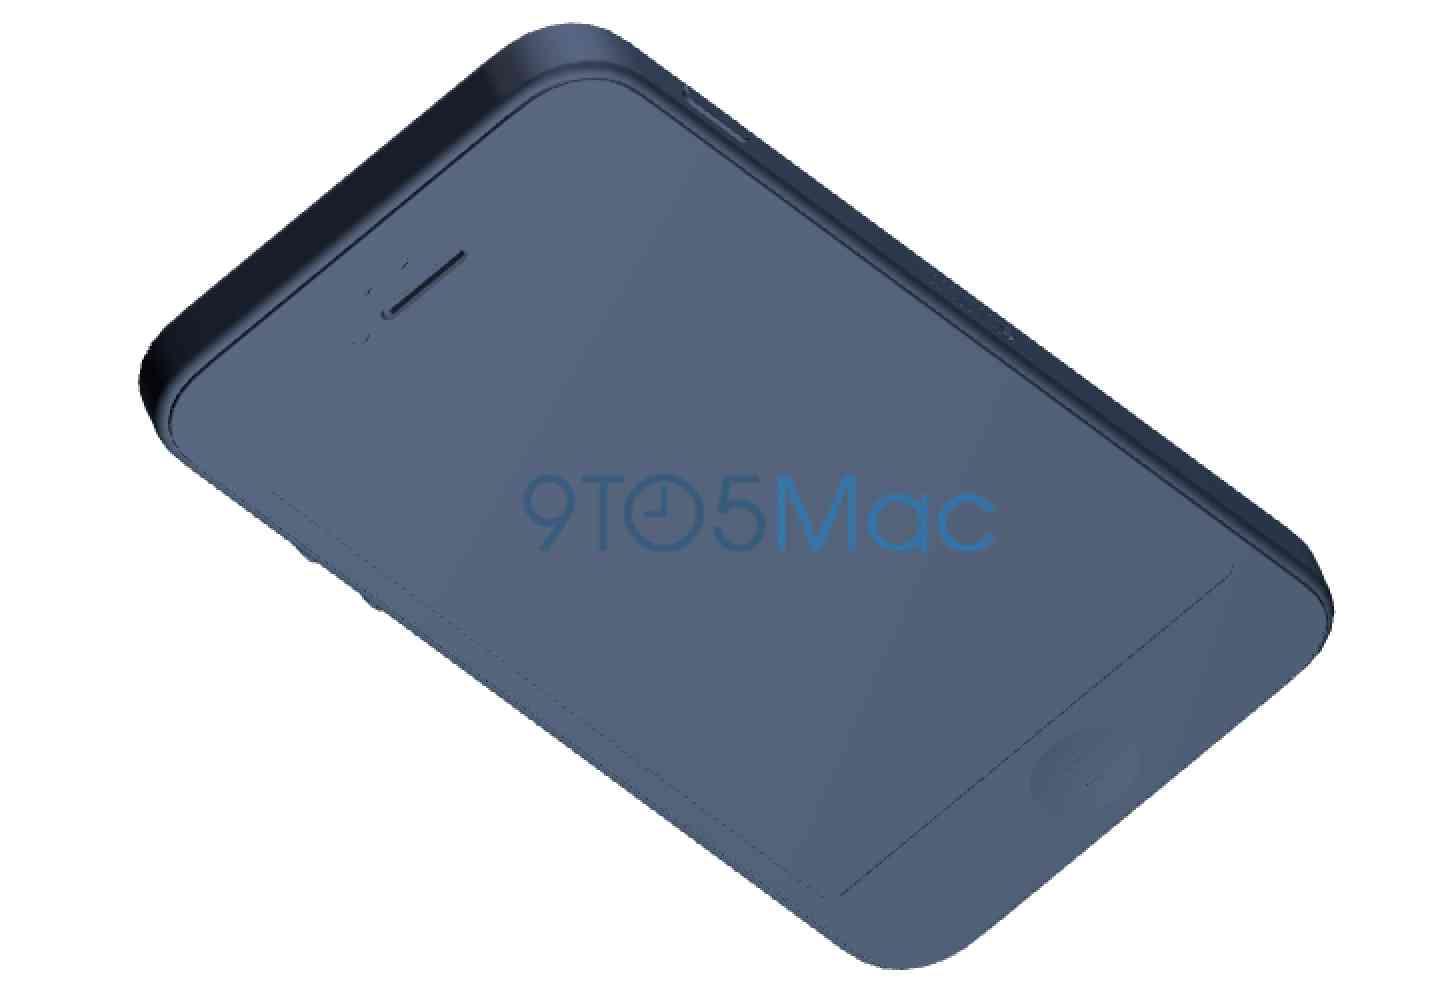 iPhone 5se design schematic leak